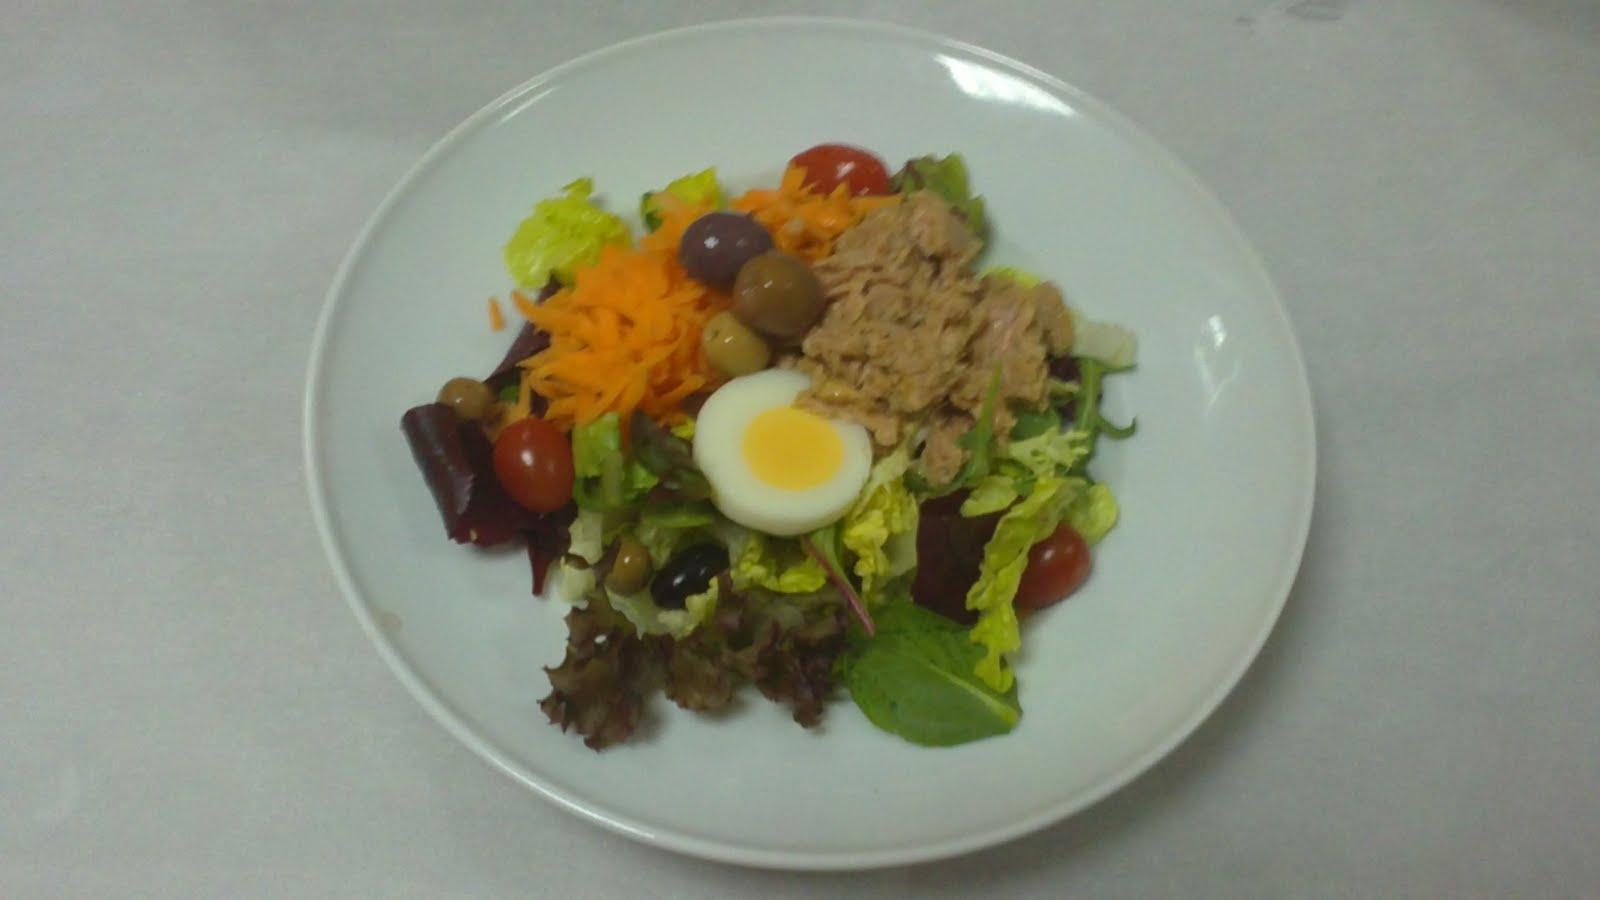 Recetas faciles de pasteles y comida ensaladas frescas for Comidas frescas